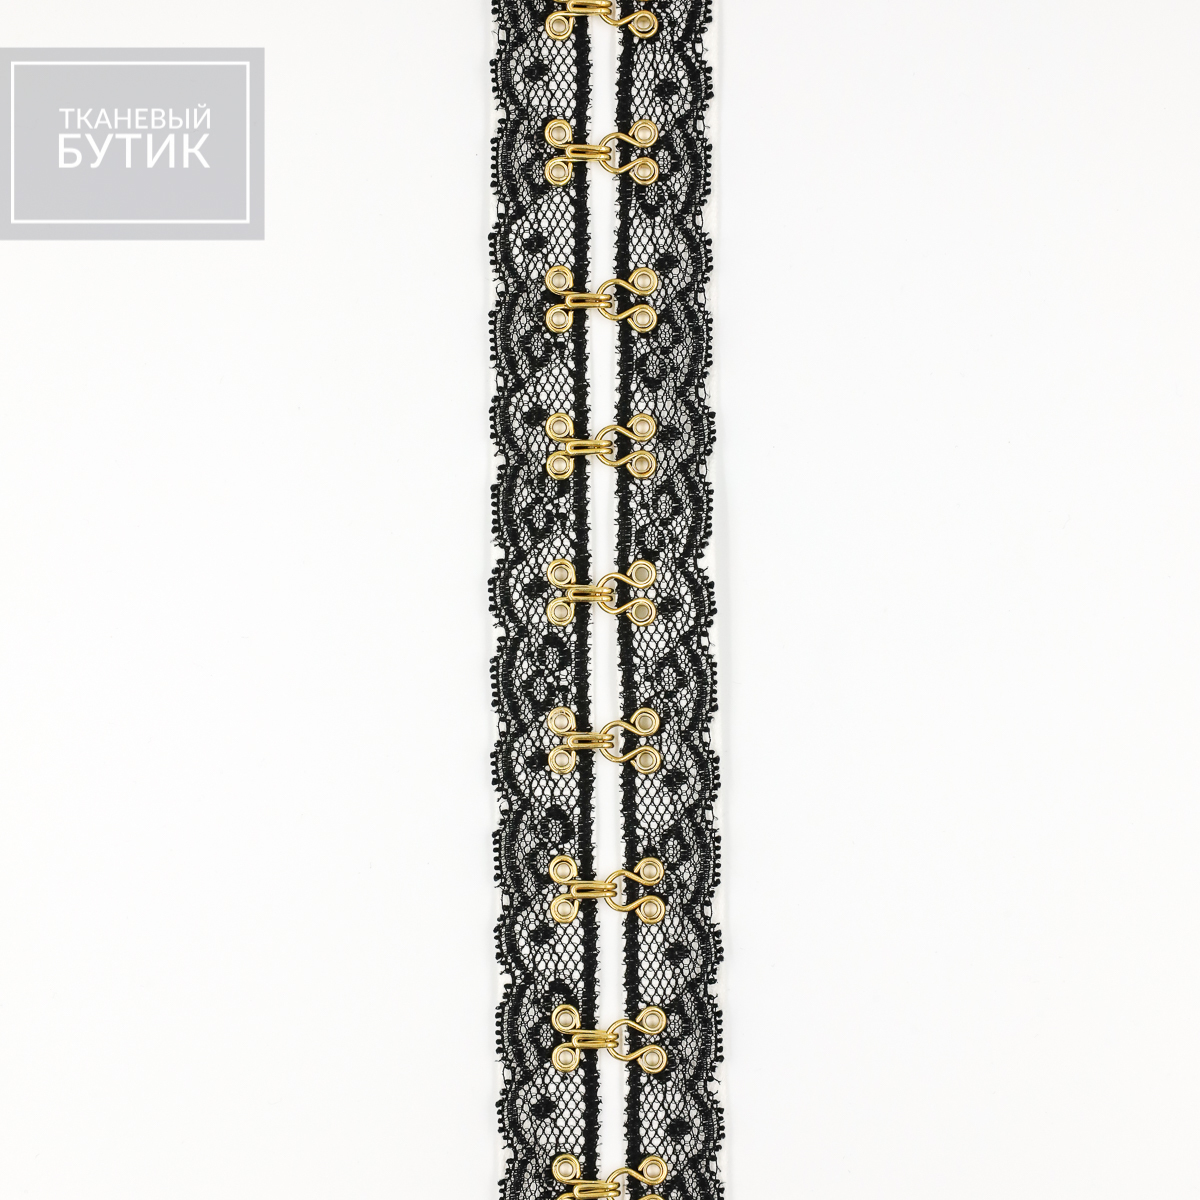 Декоративная лента с крючками и кружевом